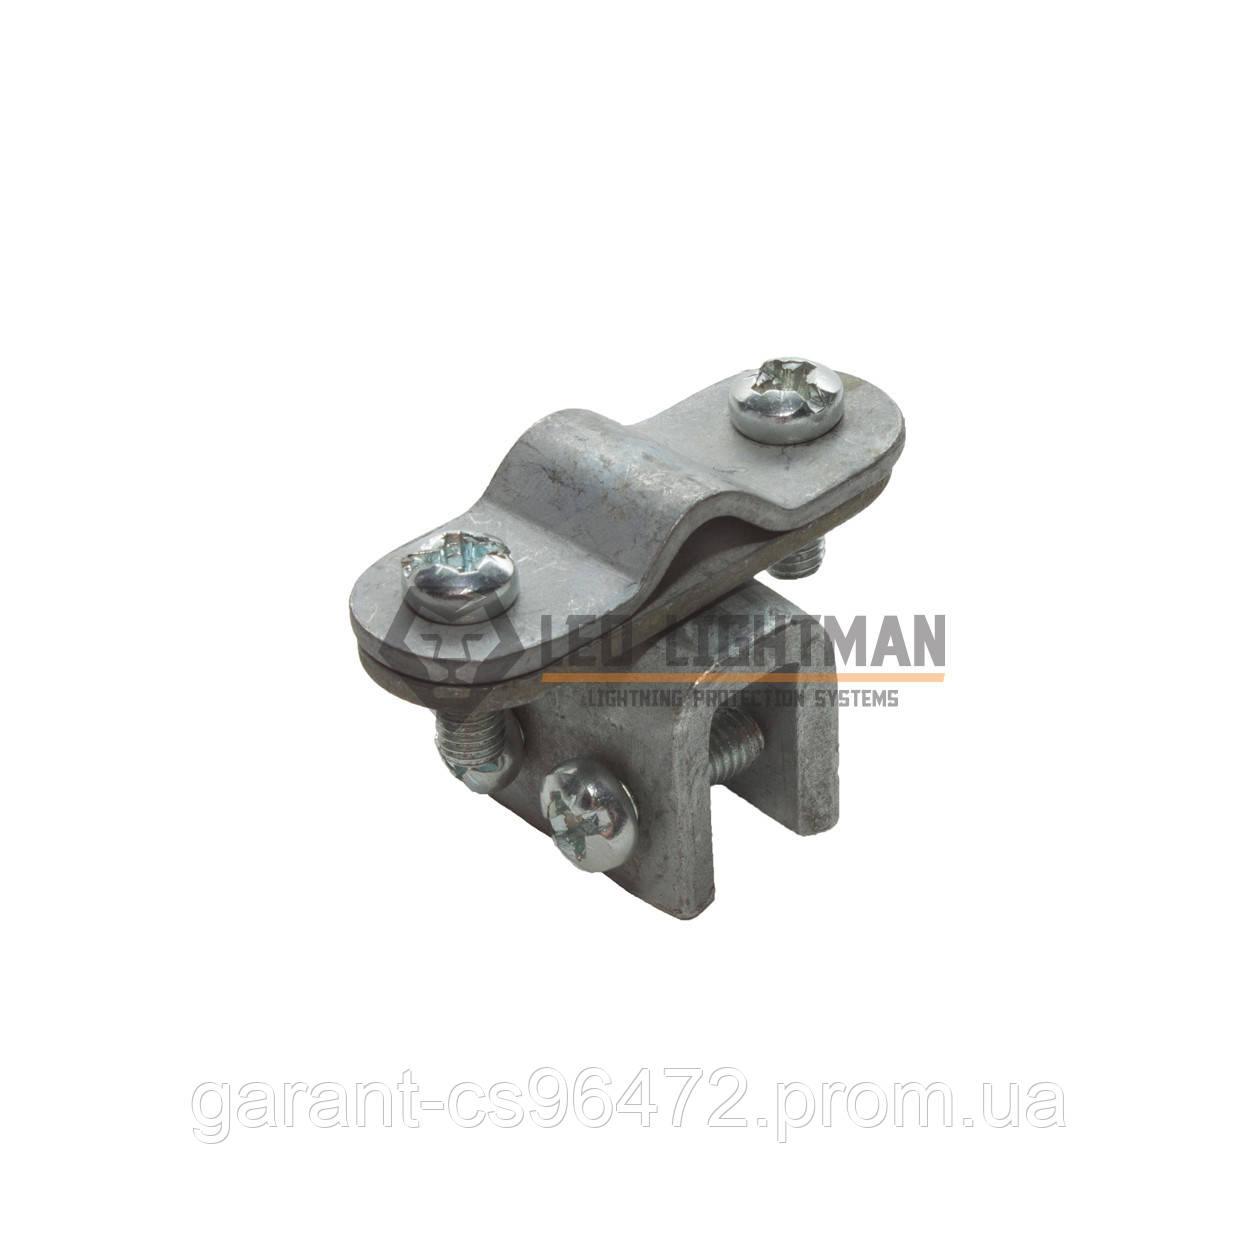 Держатель фальцевый для круглых проводников Ø8-10 мм St/tZn